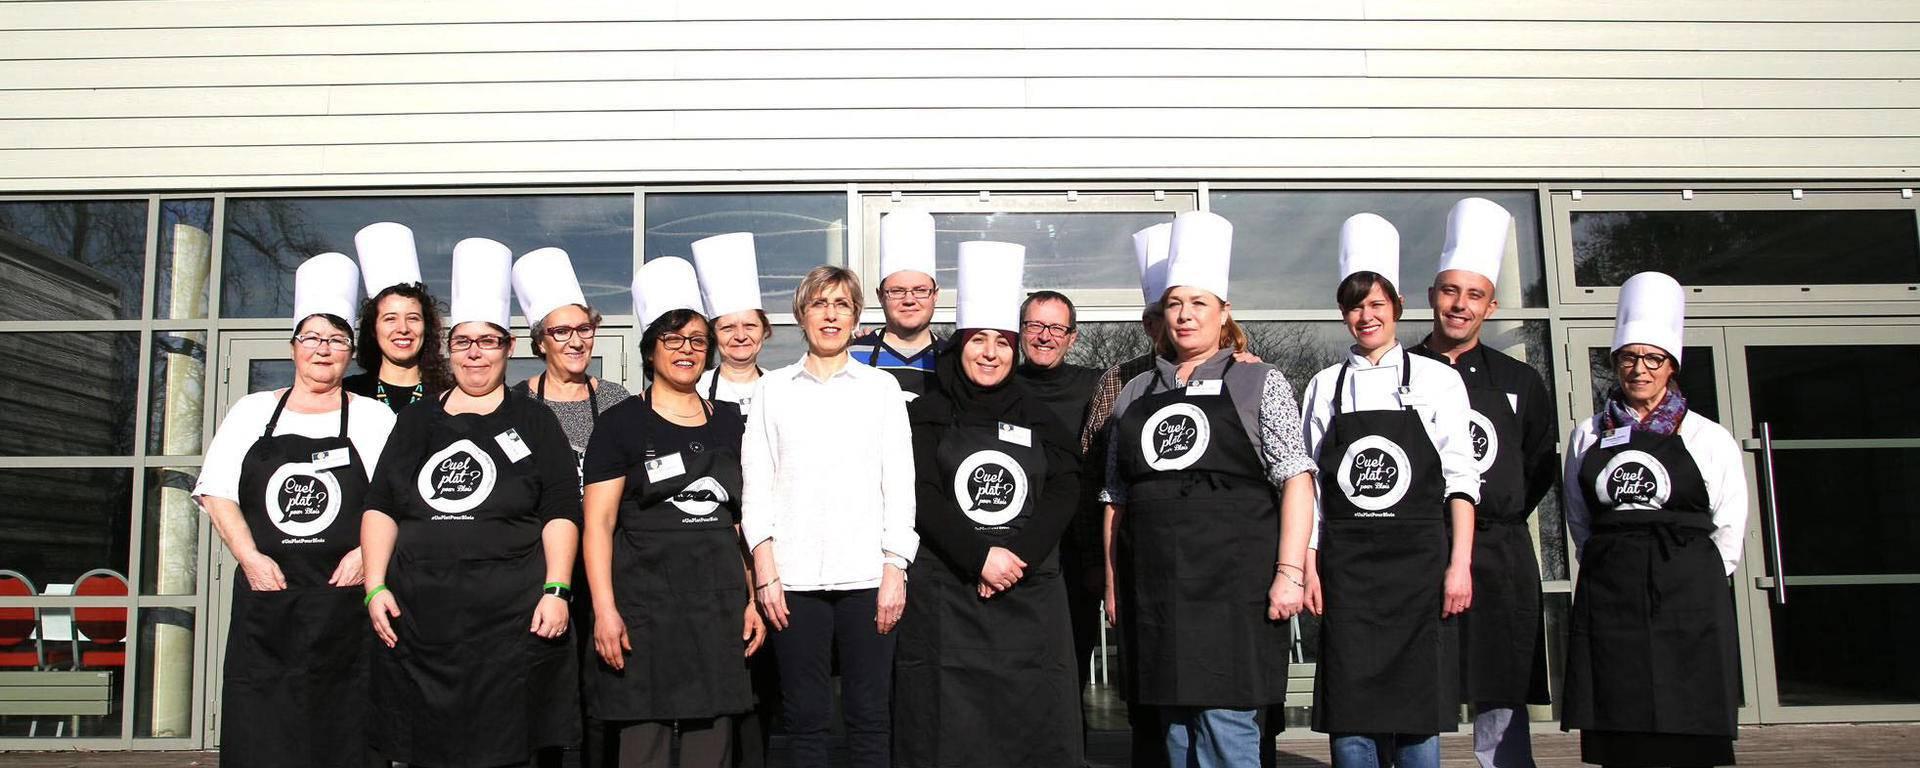 Les participants du concours plat salé. © Ville de Blois